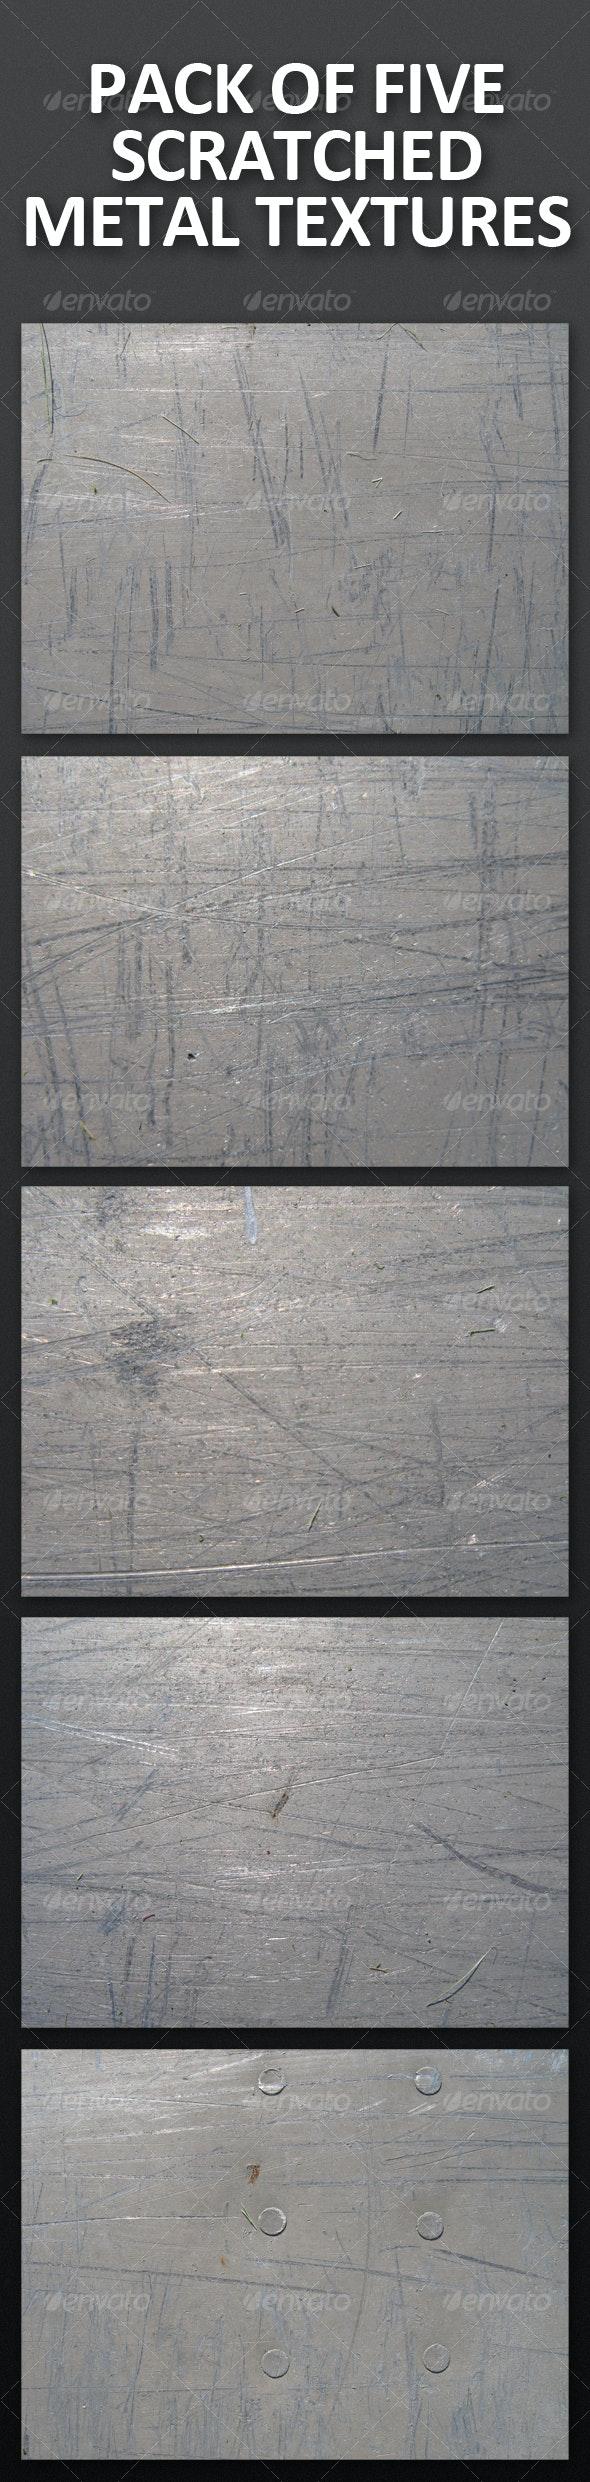 Pack of 5 Scratched Metal Textures - Metal Textures